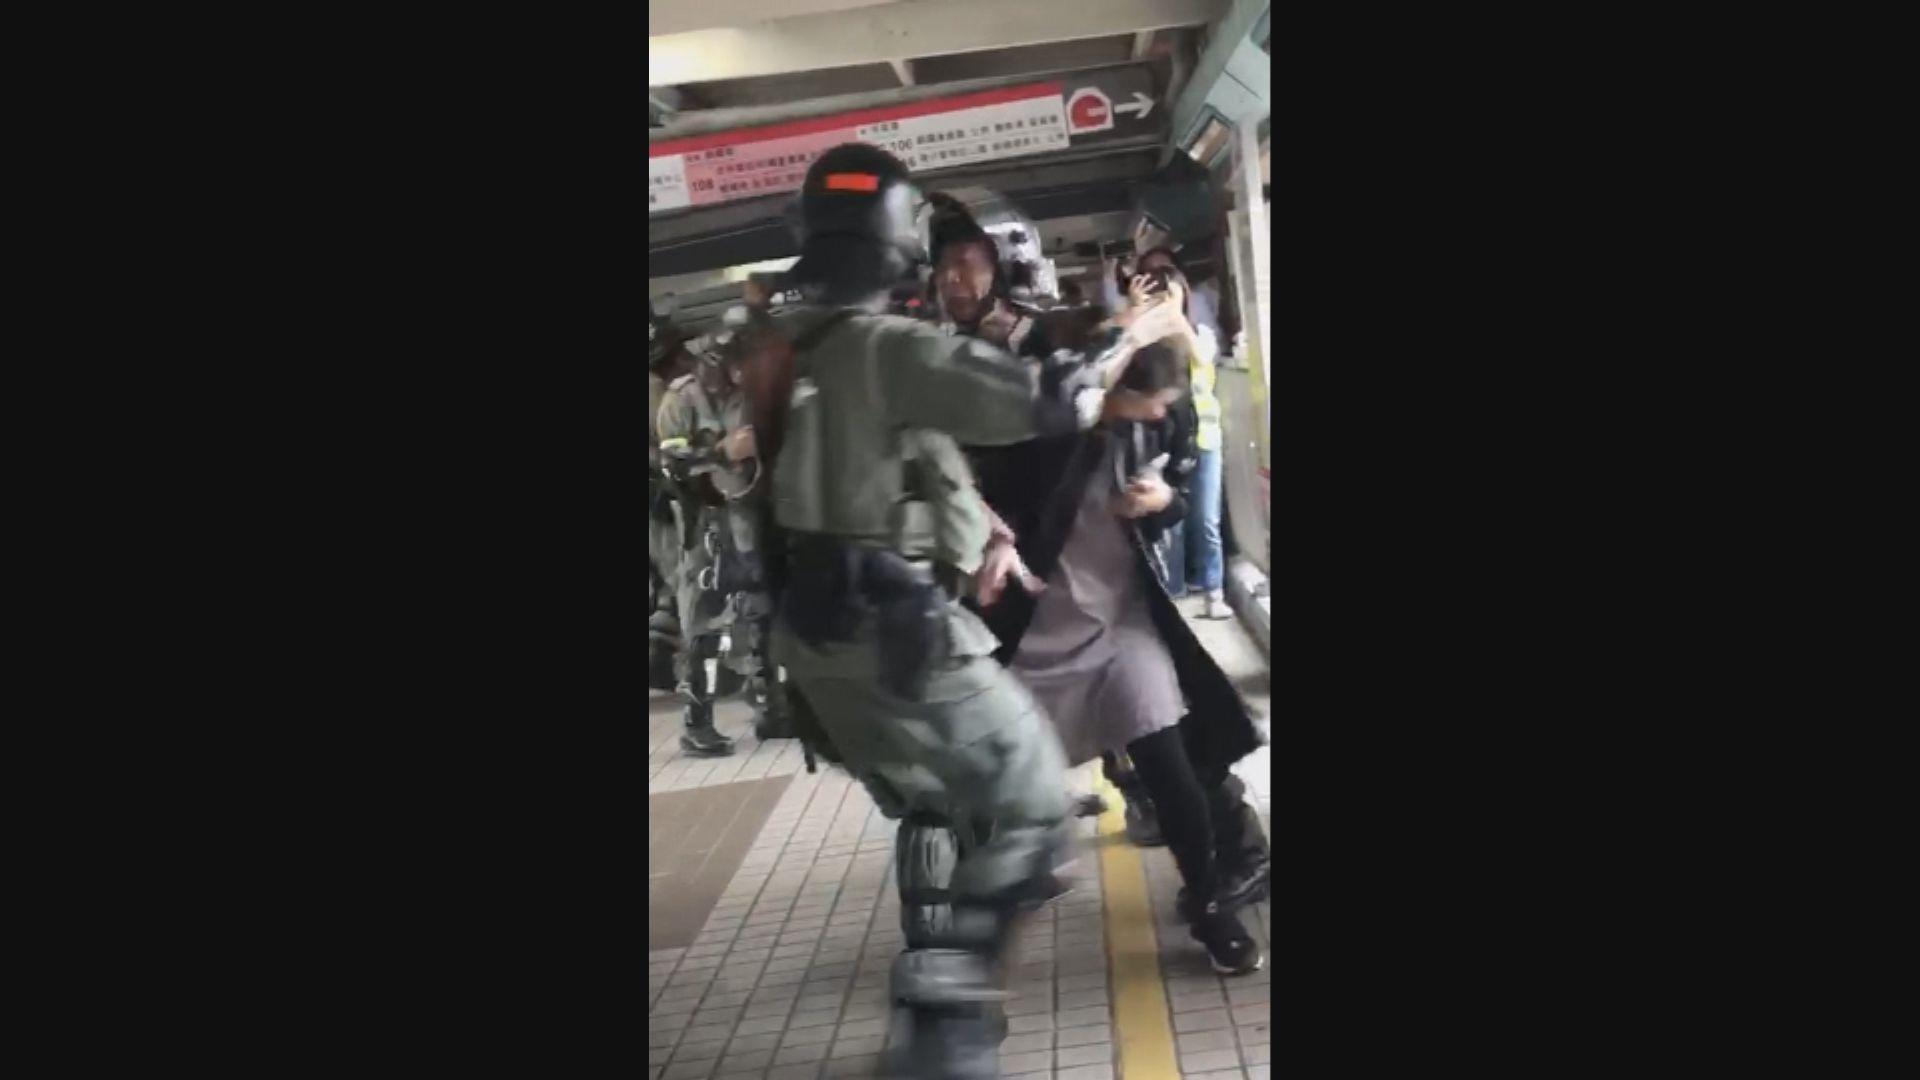 理大外女子指罵警員 遭正面噴胡椒噴劑被捕